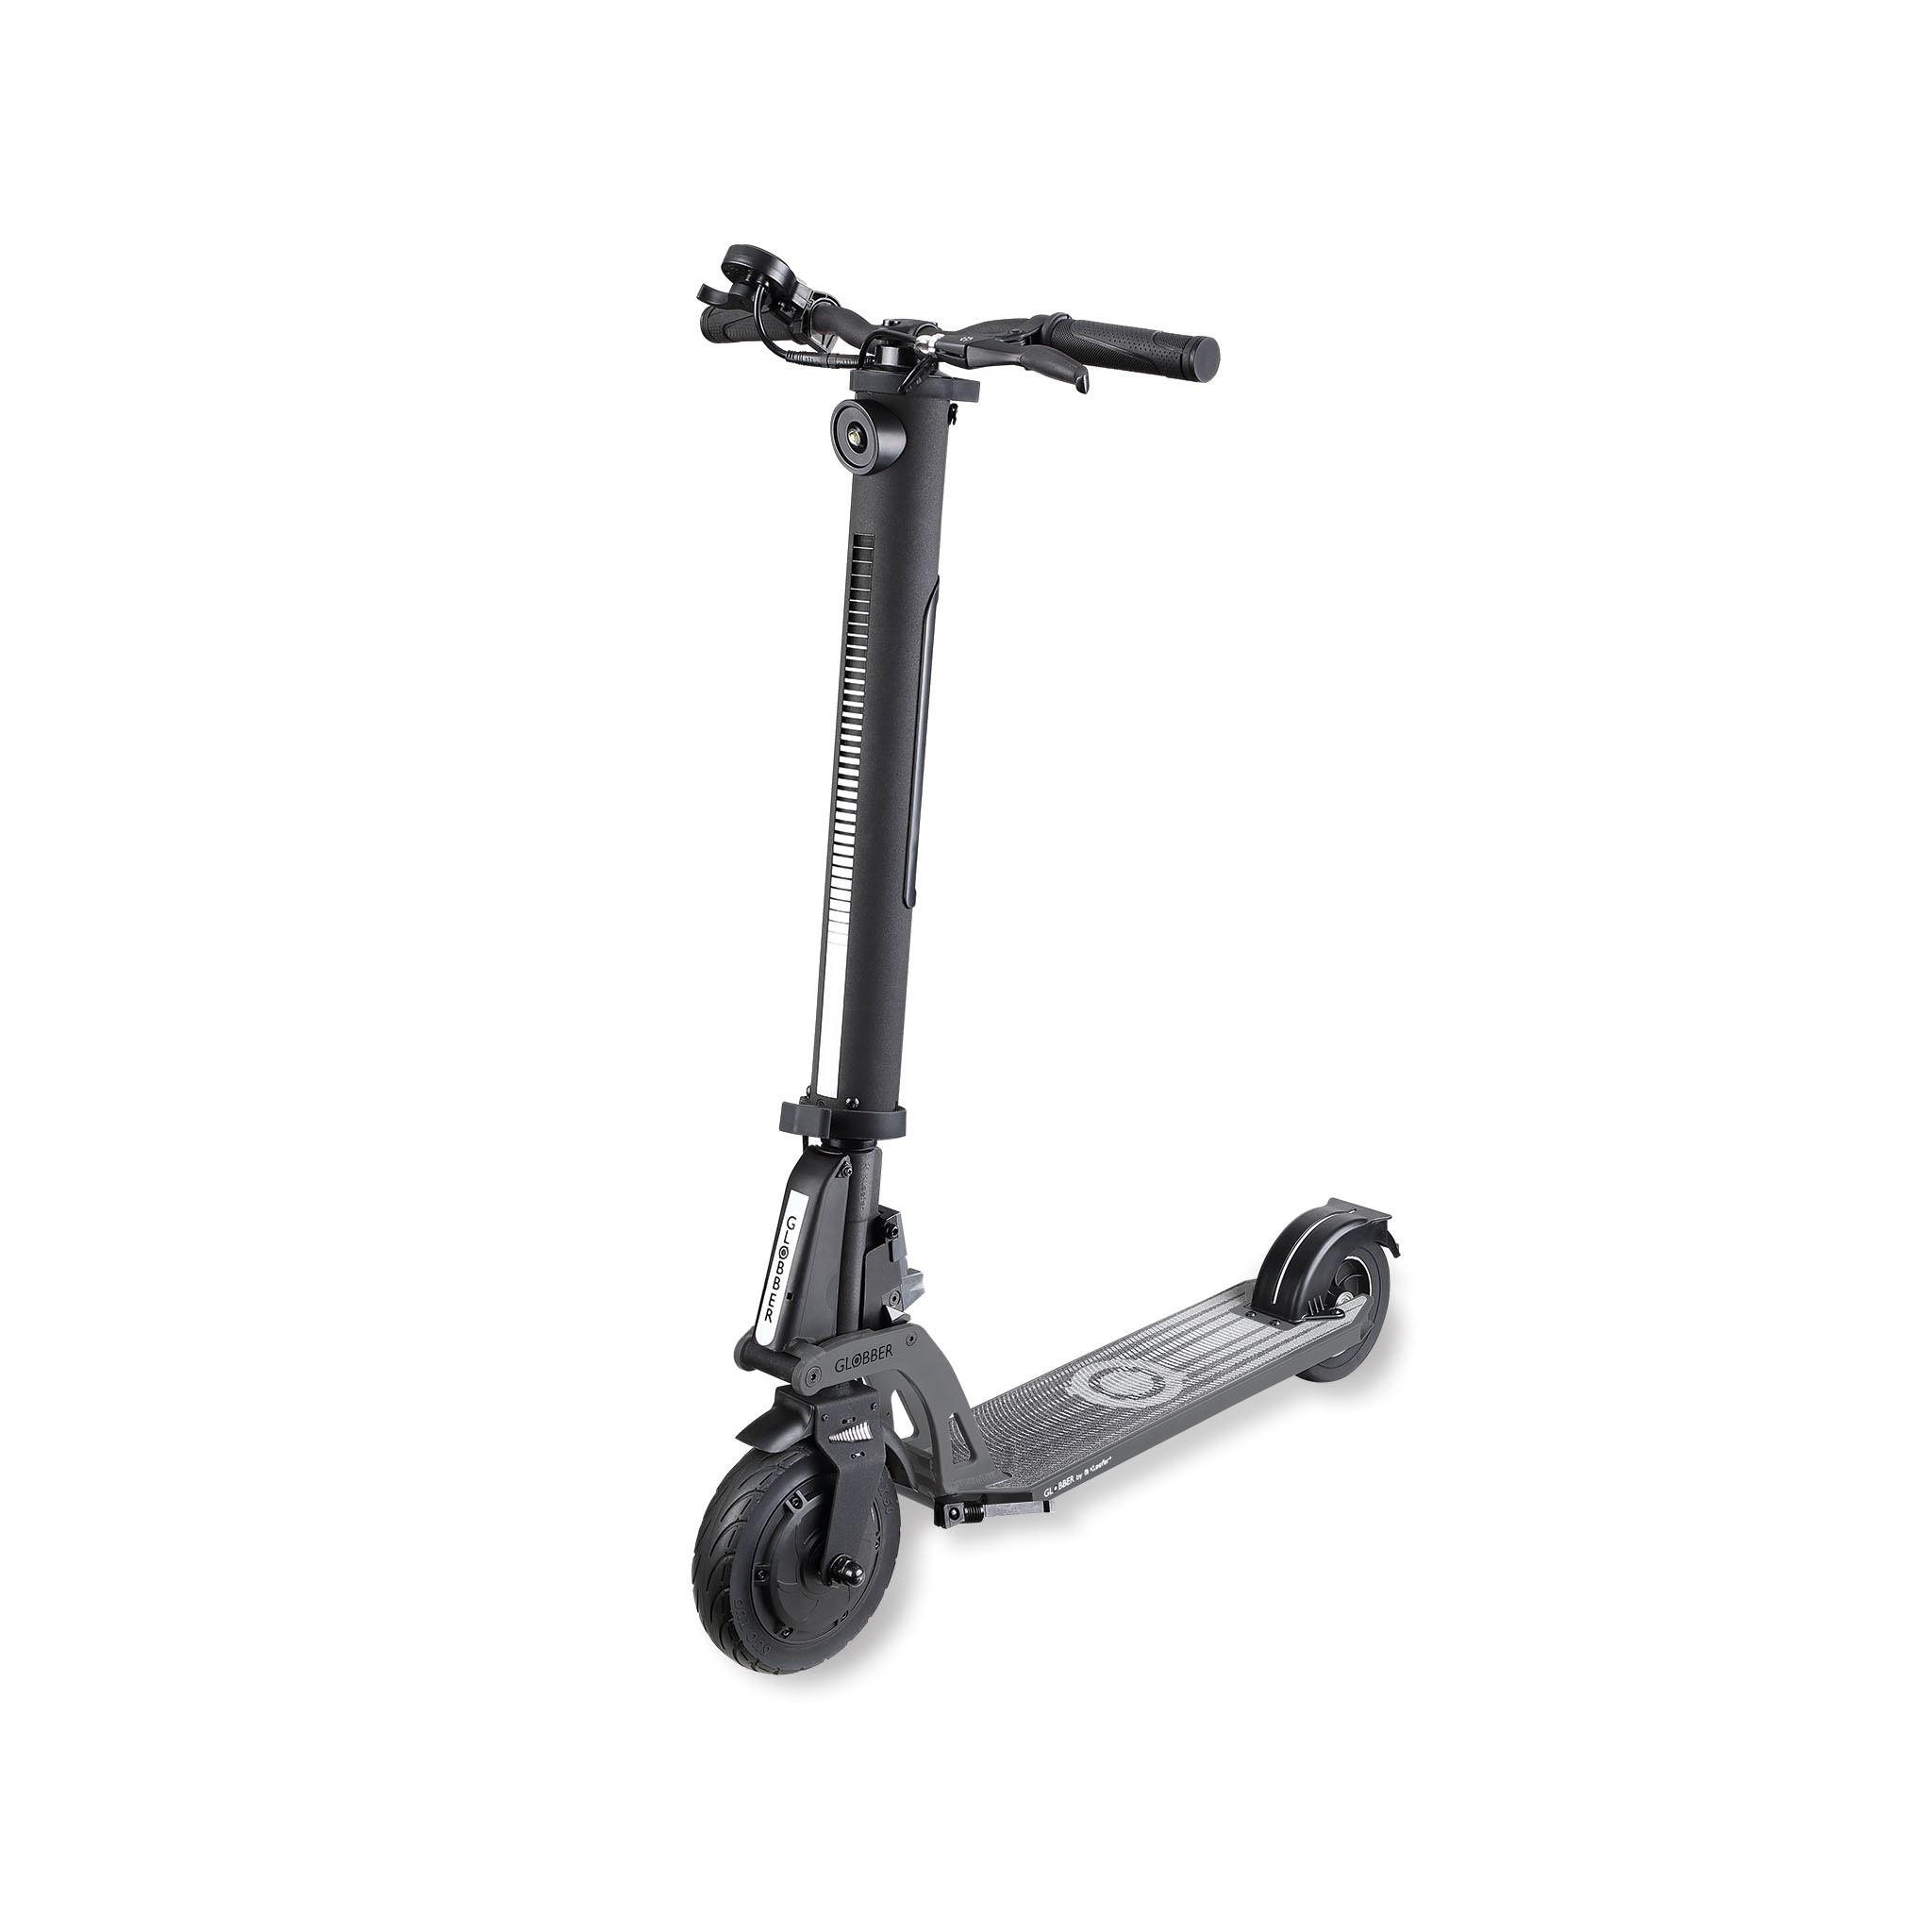 globber one k e motion trottinette electrique adulte avec roues en caoutchouc haute performance. Black Bedroom Furniture Sets. Home Design Ideas